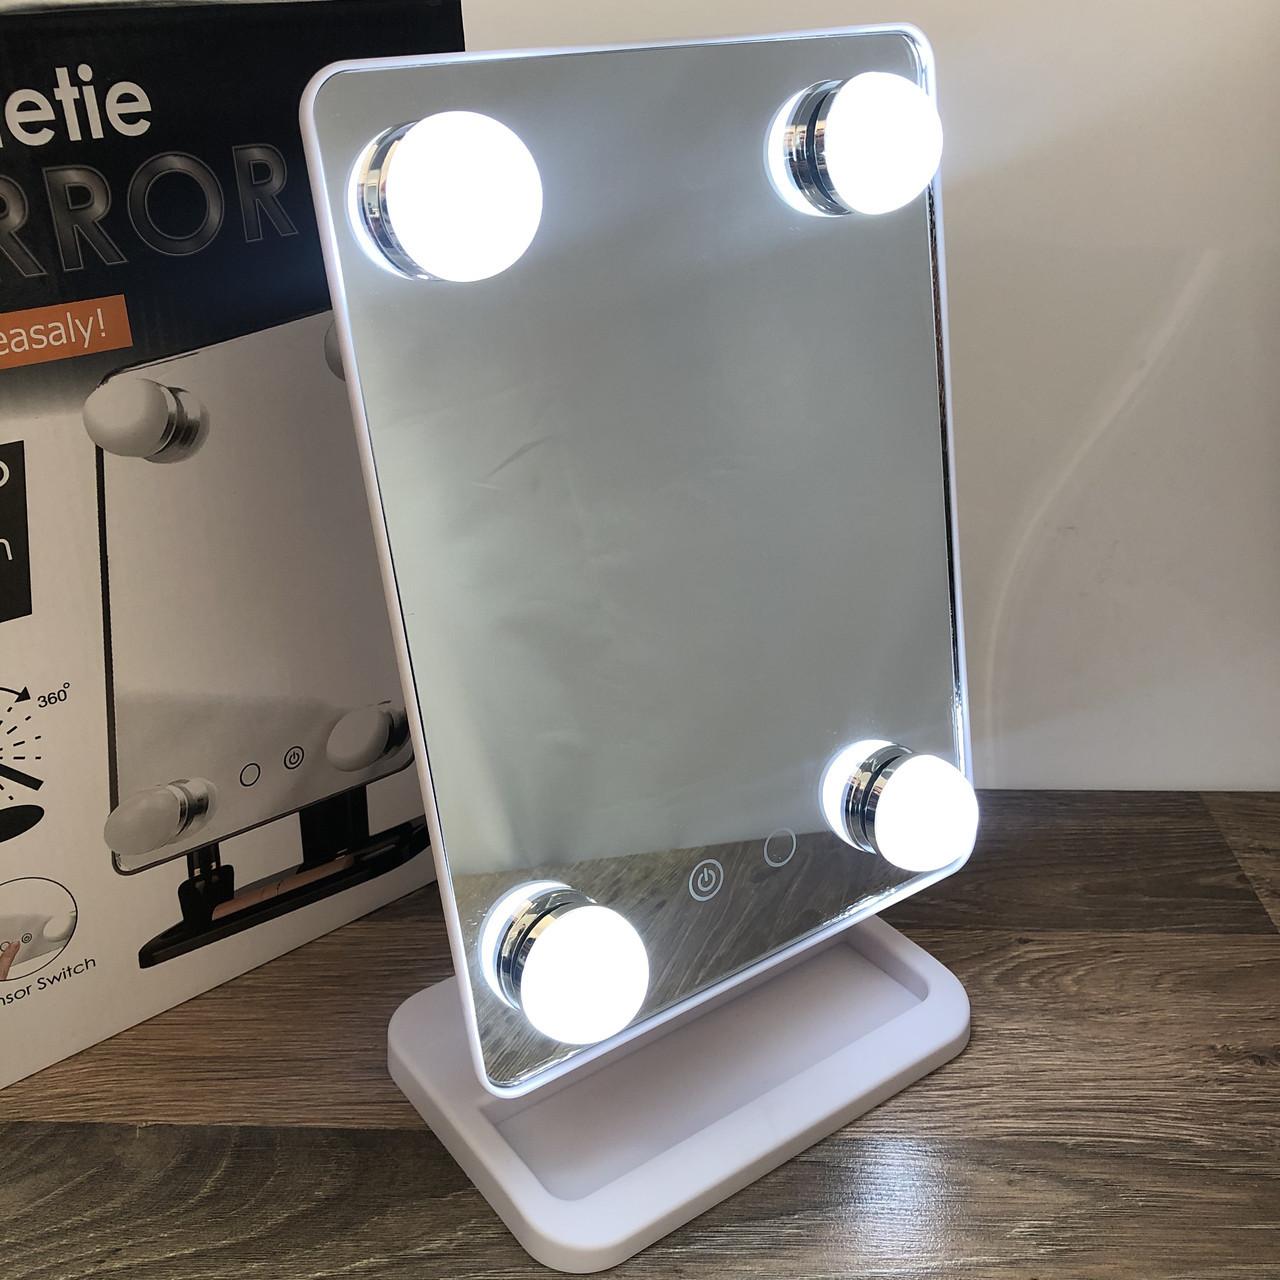 Дзеркало з підсвічуванням для макіяжу Cosmetie mirror 360 Rotation Angel